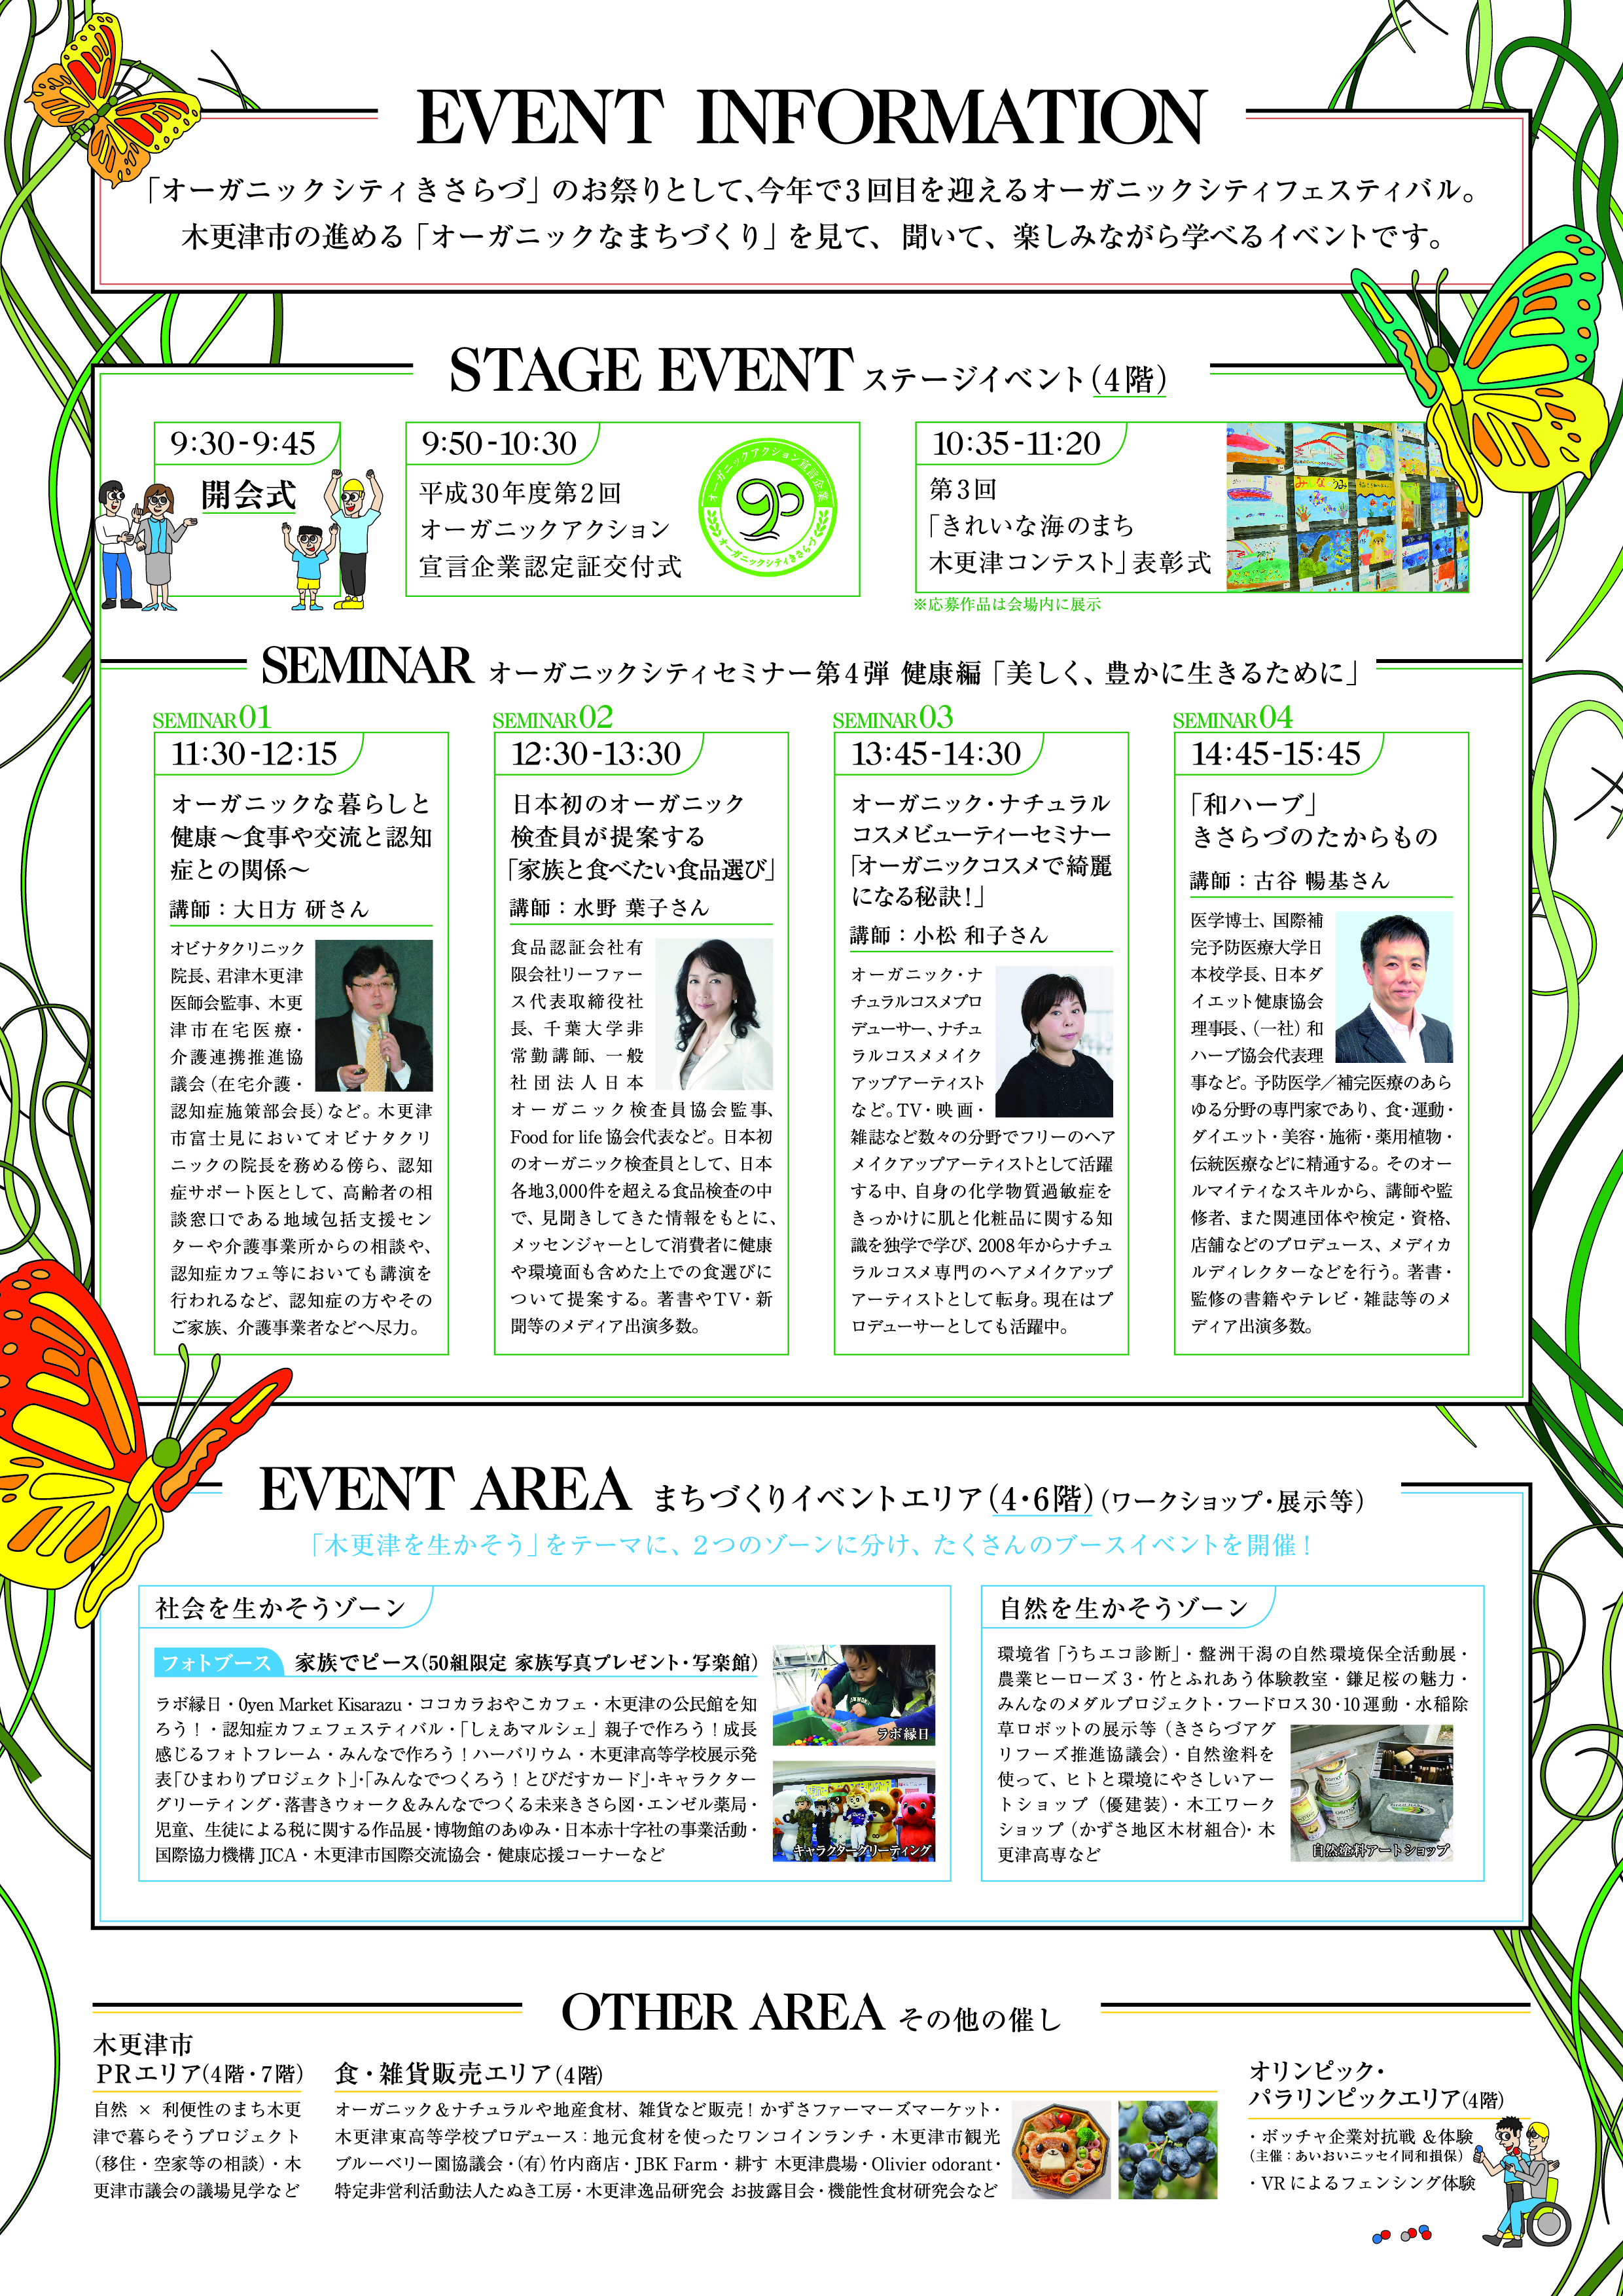 木更津市オーガニックシティフェスティバル2018(チラシ裏)